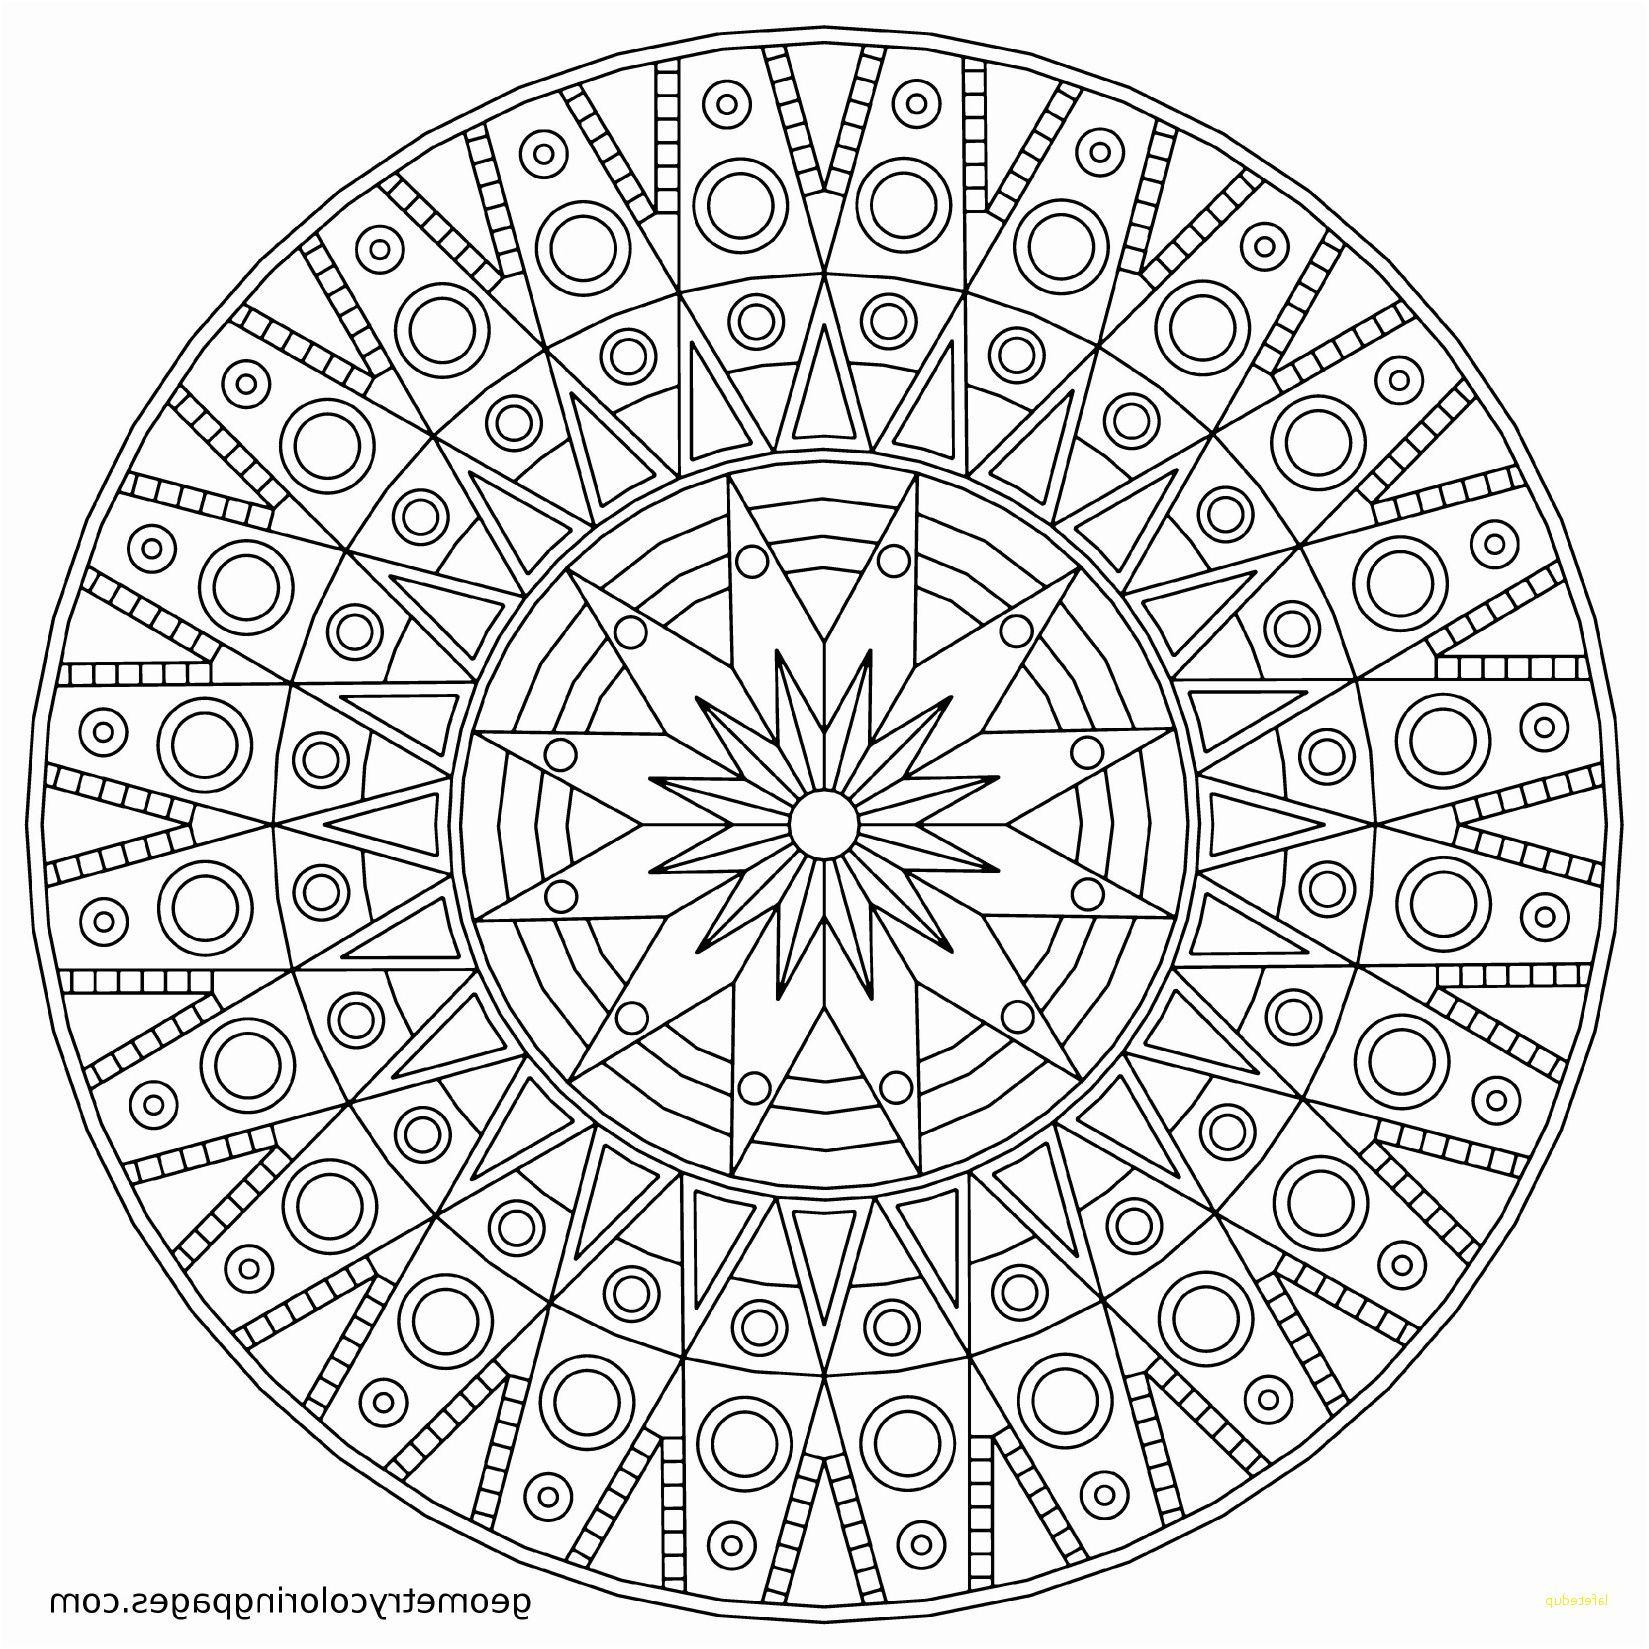 10 Incroyable Coloriage Mandala Difficile Fleur Photograph Coloriage Mandala Mandala Difficile Mandala A Imprimer